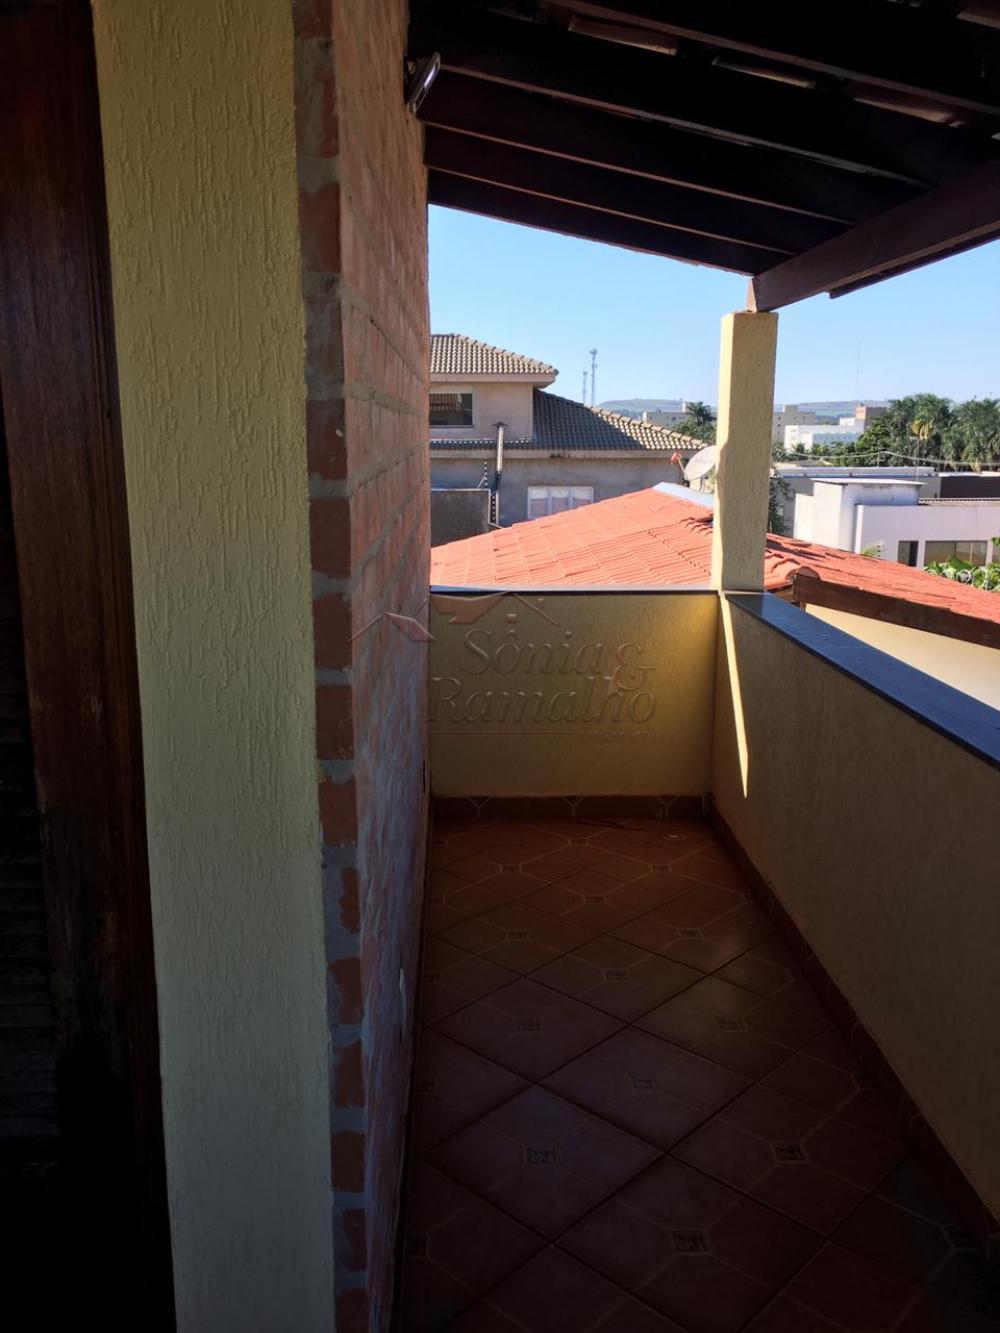 Comprar Casas / Padrão em Ribeirão Preto apenas R$ 500.000,00 - Foto 18